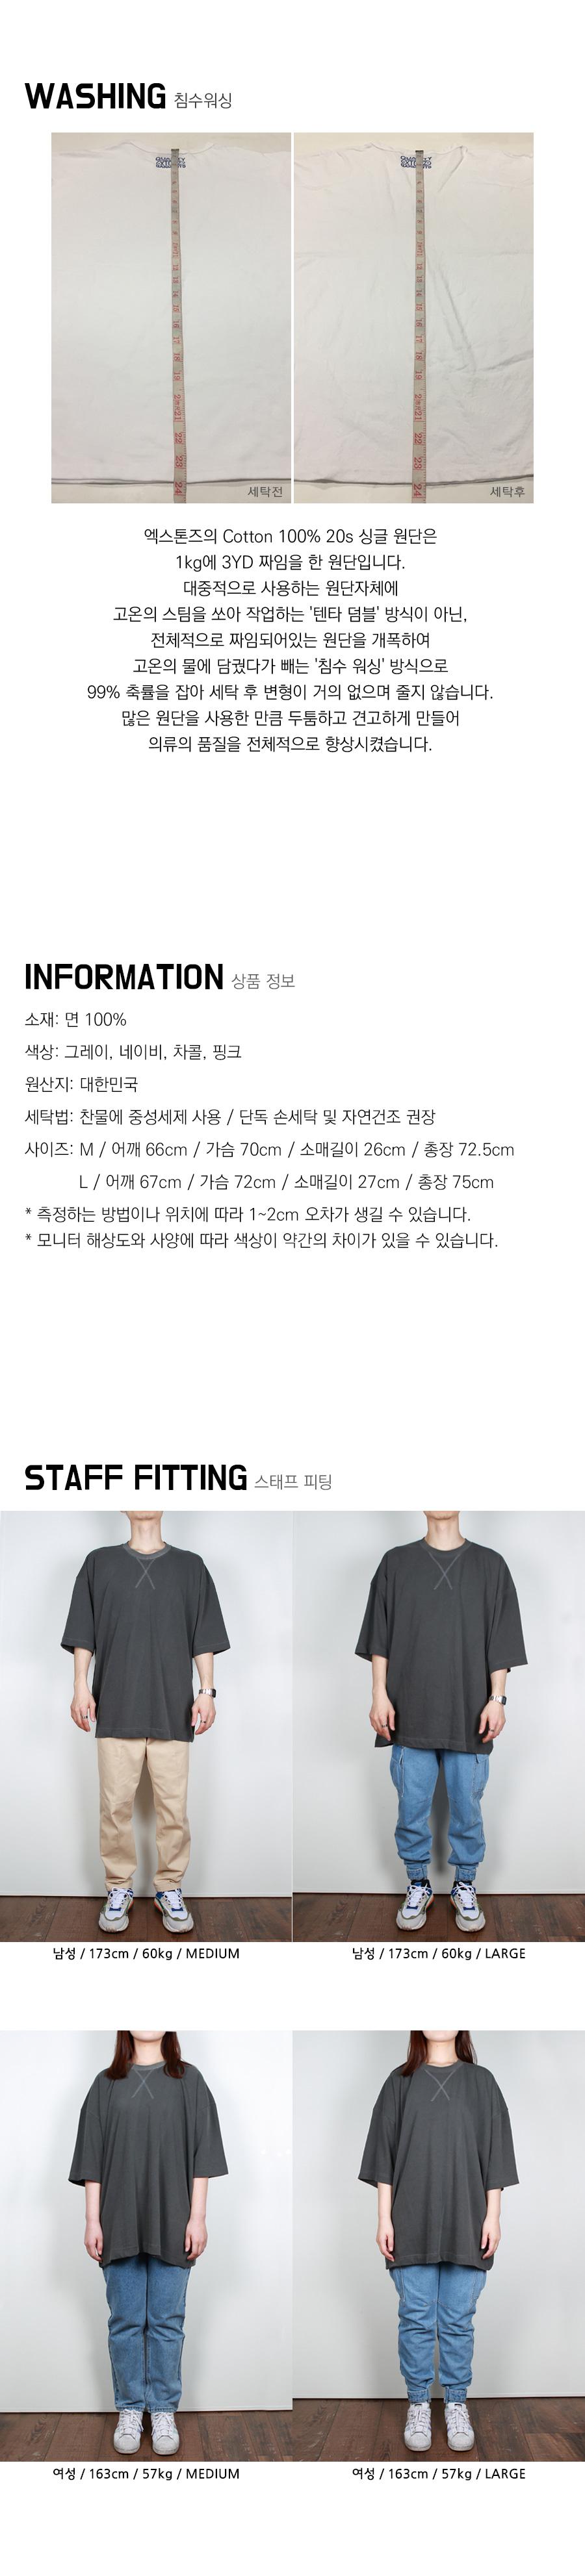 엑스톤즈 XTT004 비엔토 피그먼트 티셔츠 (CHARCOAL)